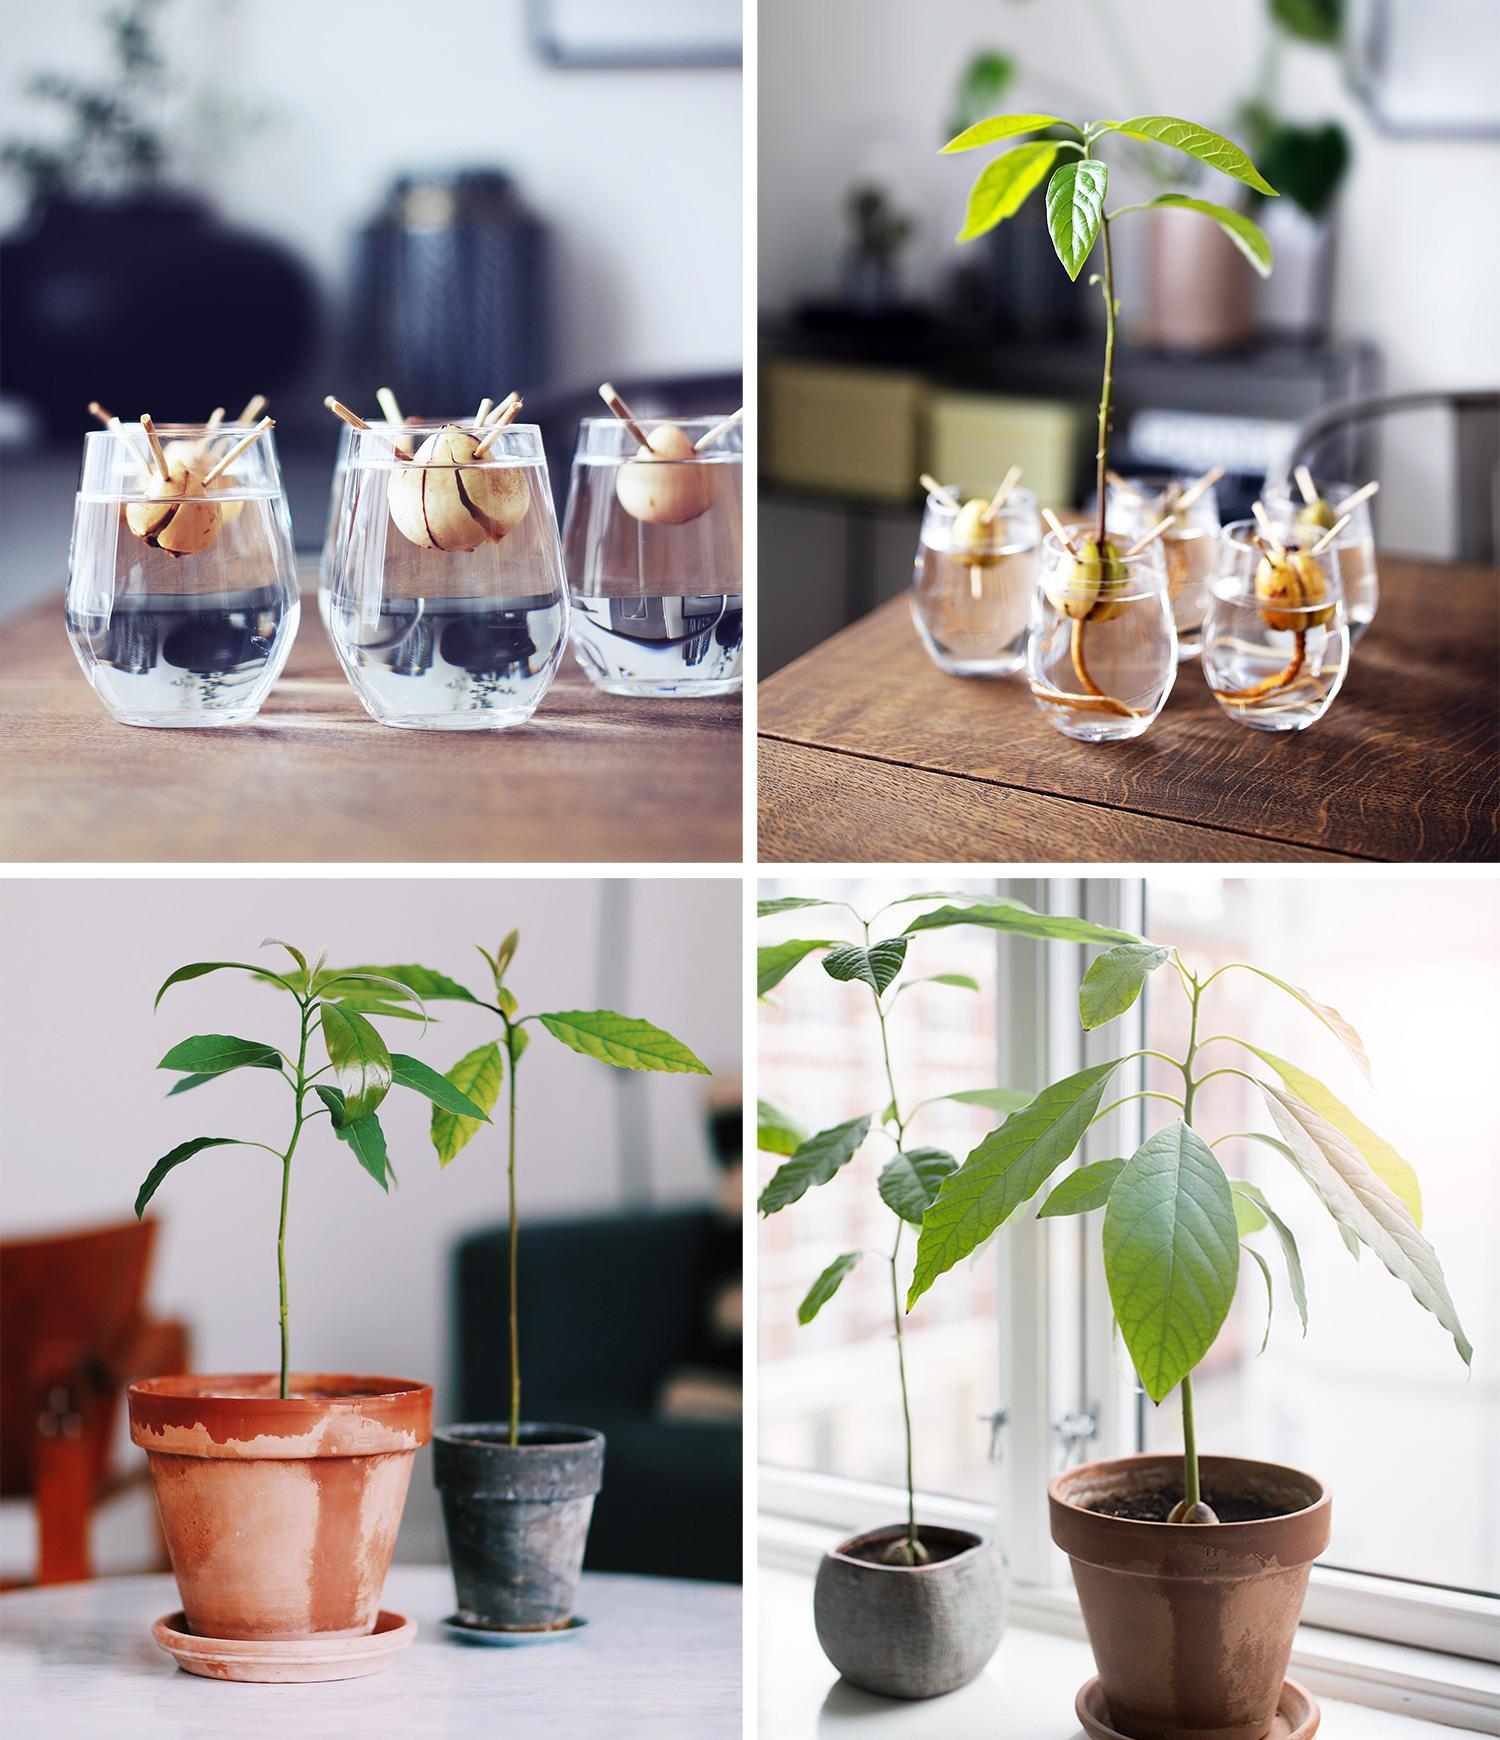 gro-en-avocado-plante